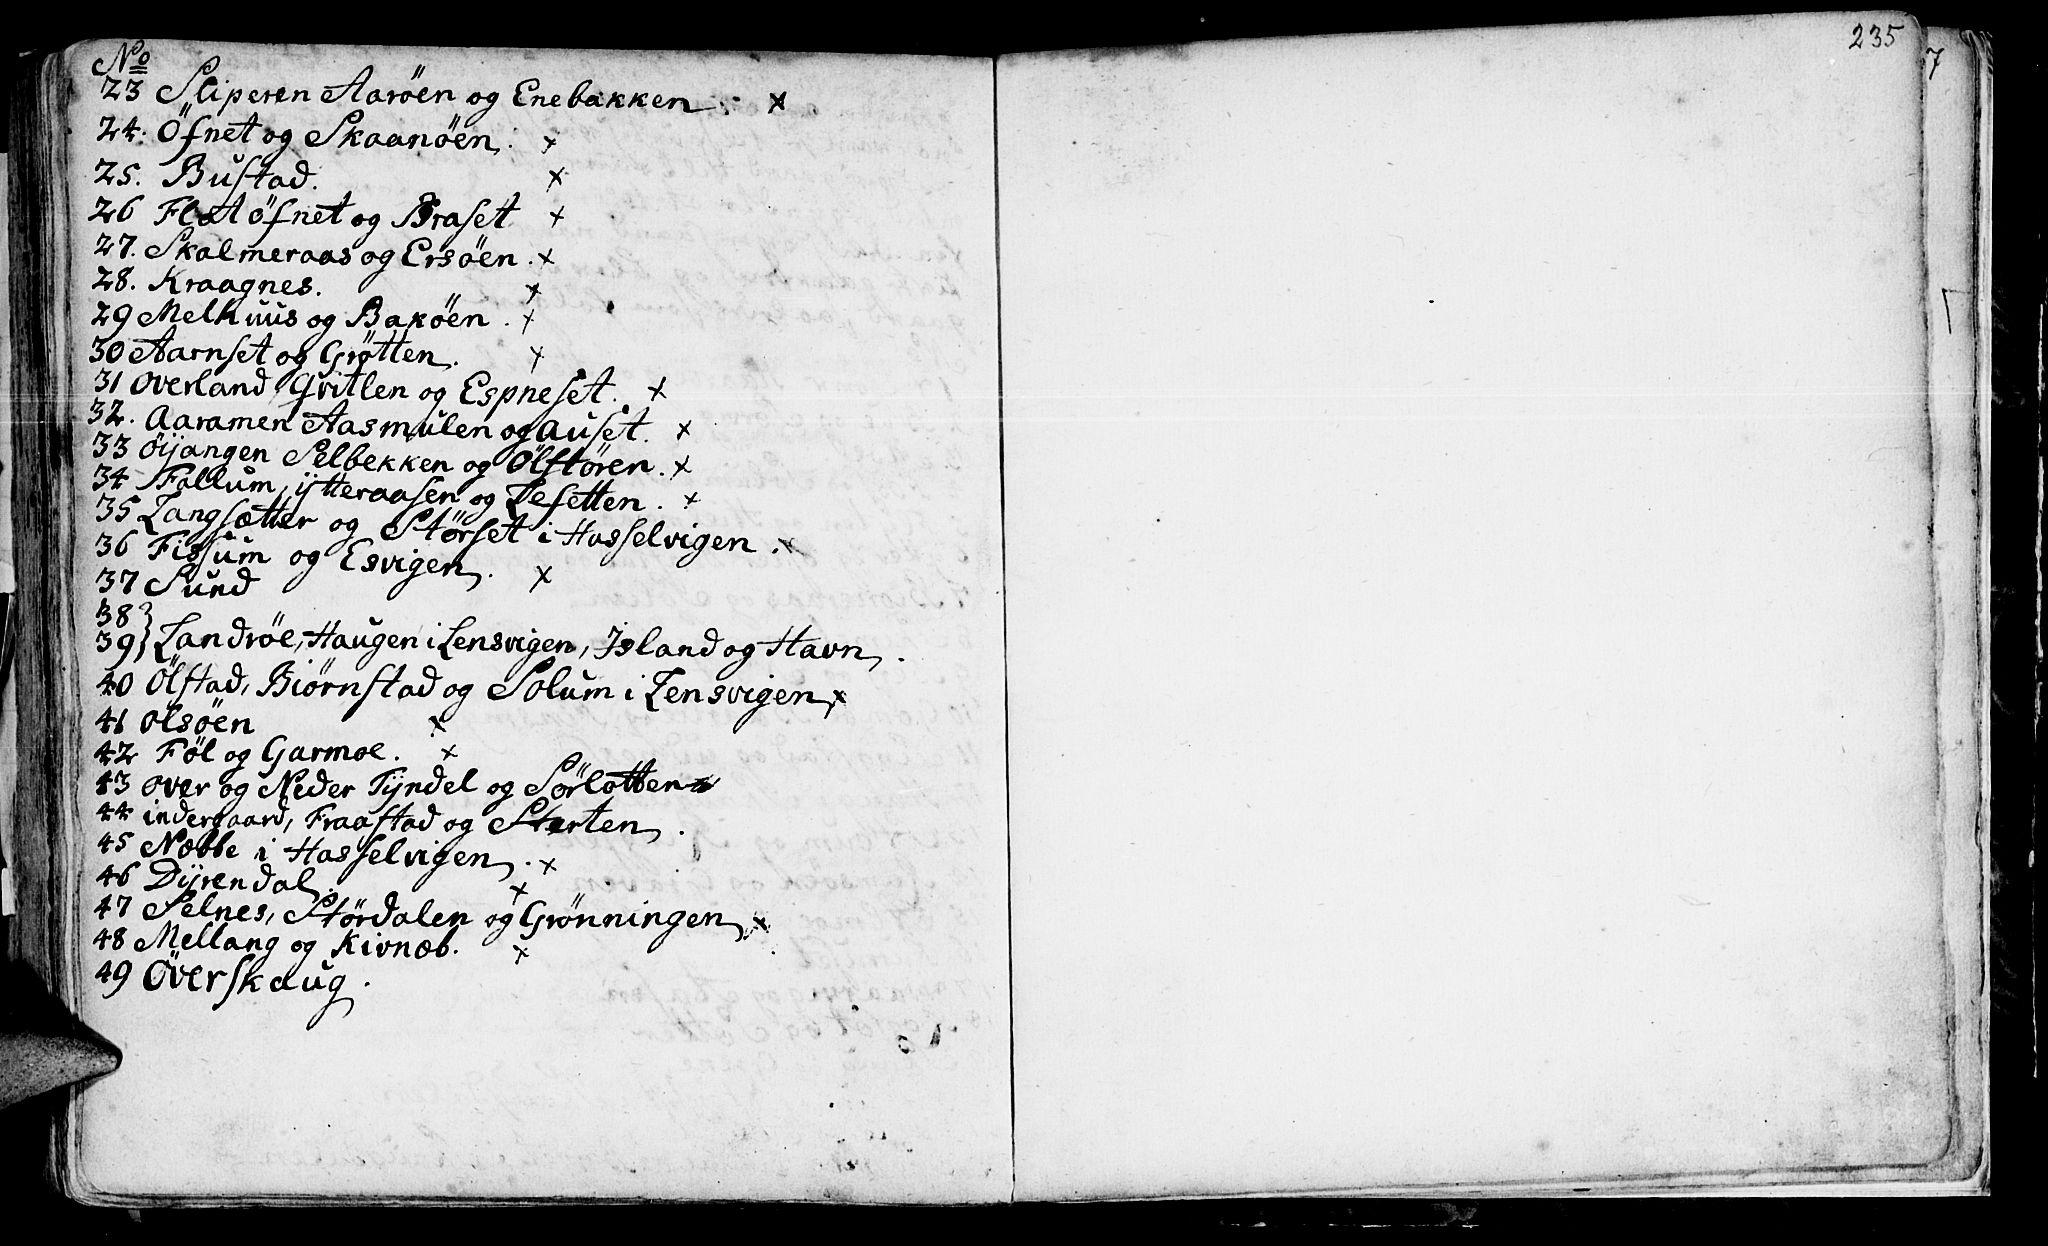 SAT, Ministerialprotokoller, klokkerbøker og fødselsregistre - Sør-Trøndelag, 646/L0604: Ministerialbok nr. 646A02, 1735-1750, s. 234-235